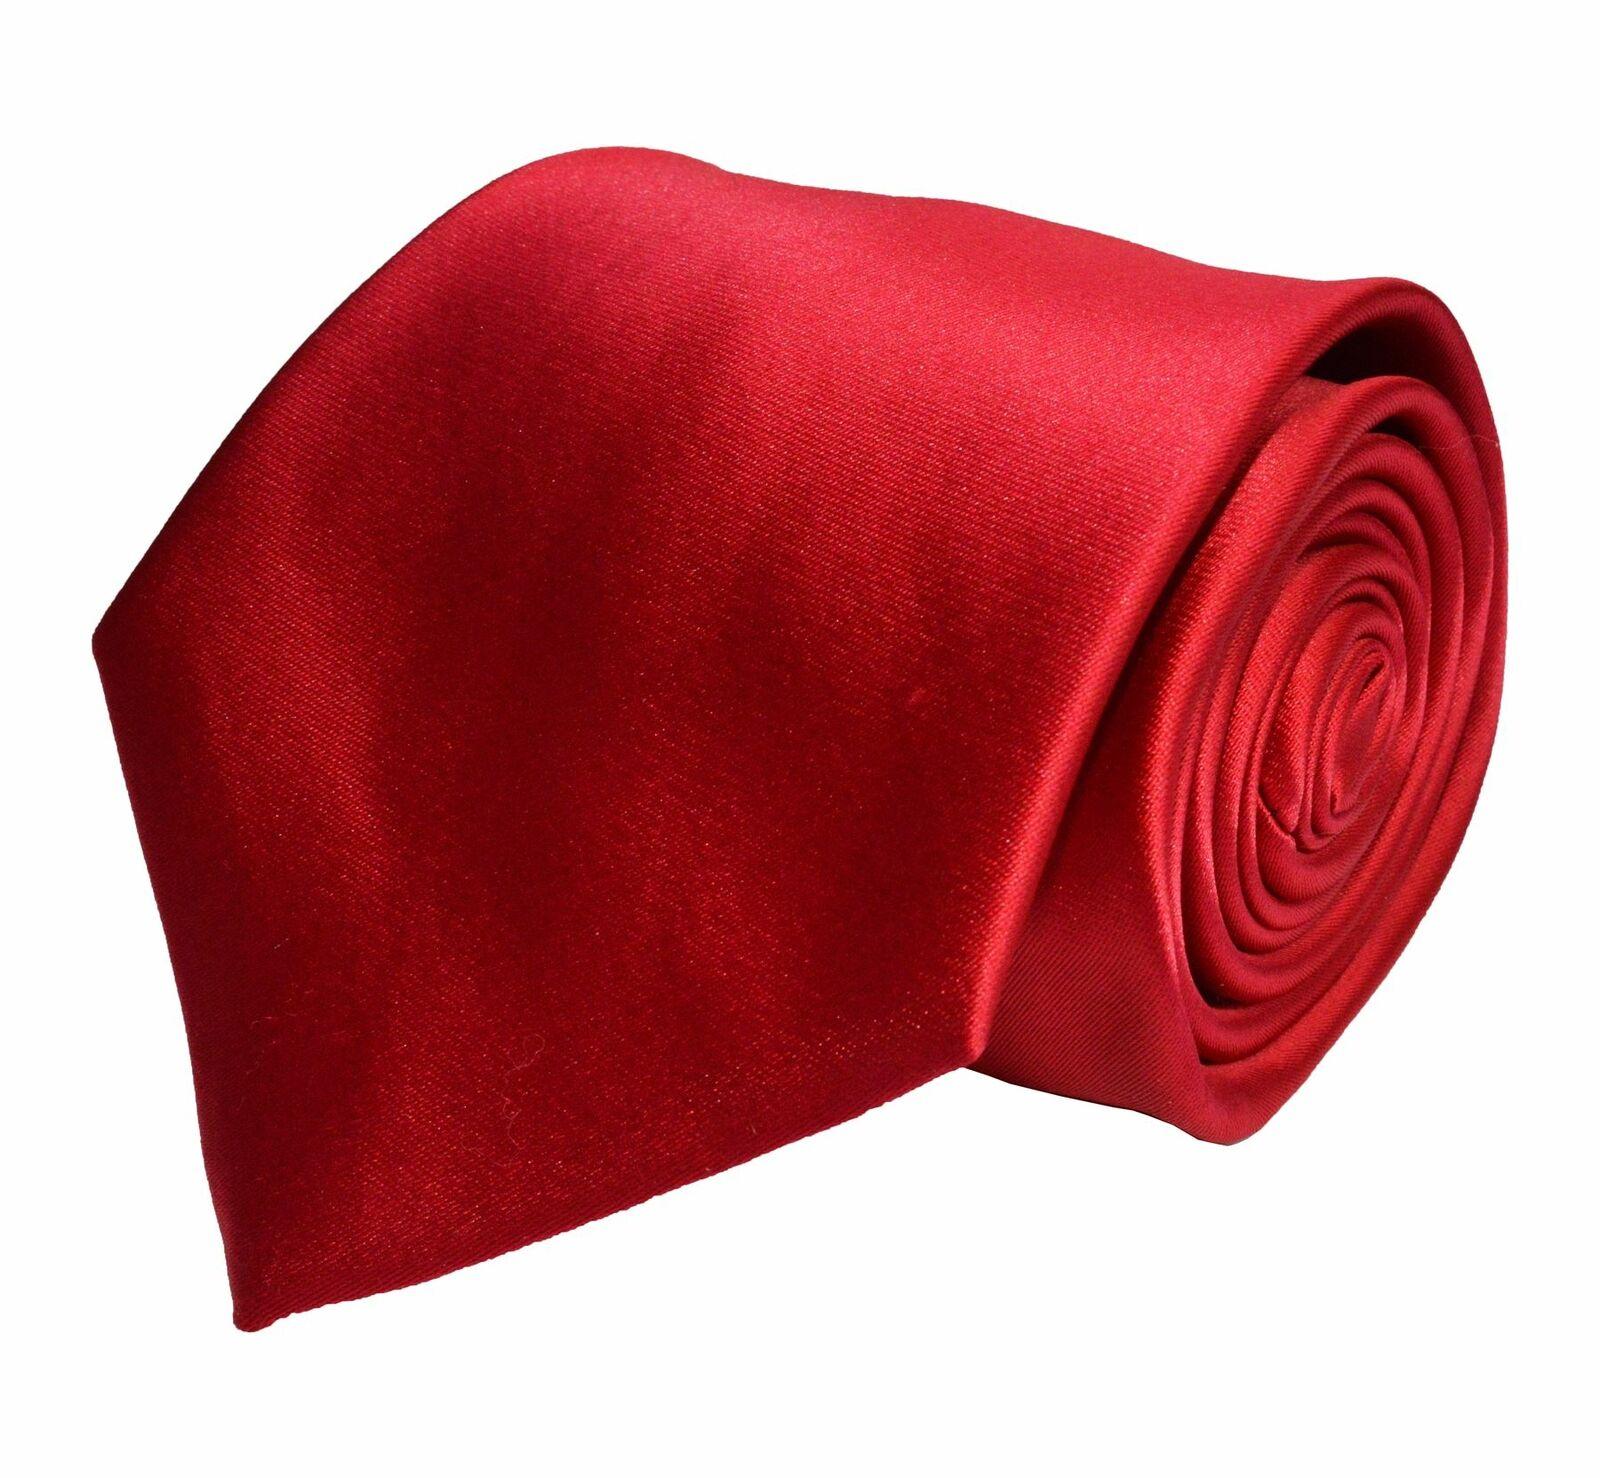 BERLIONI ITALY FANCY MATCHING NECKTIE SET SOLID DESIGNER TIE RED